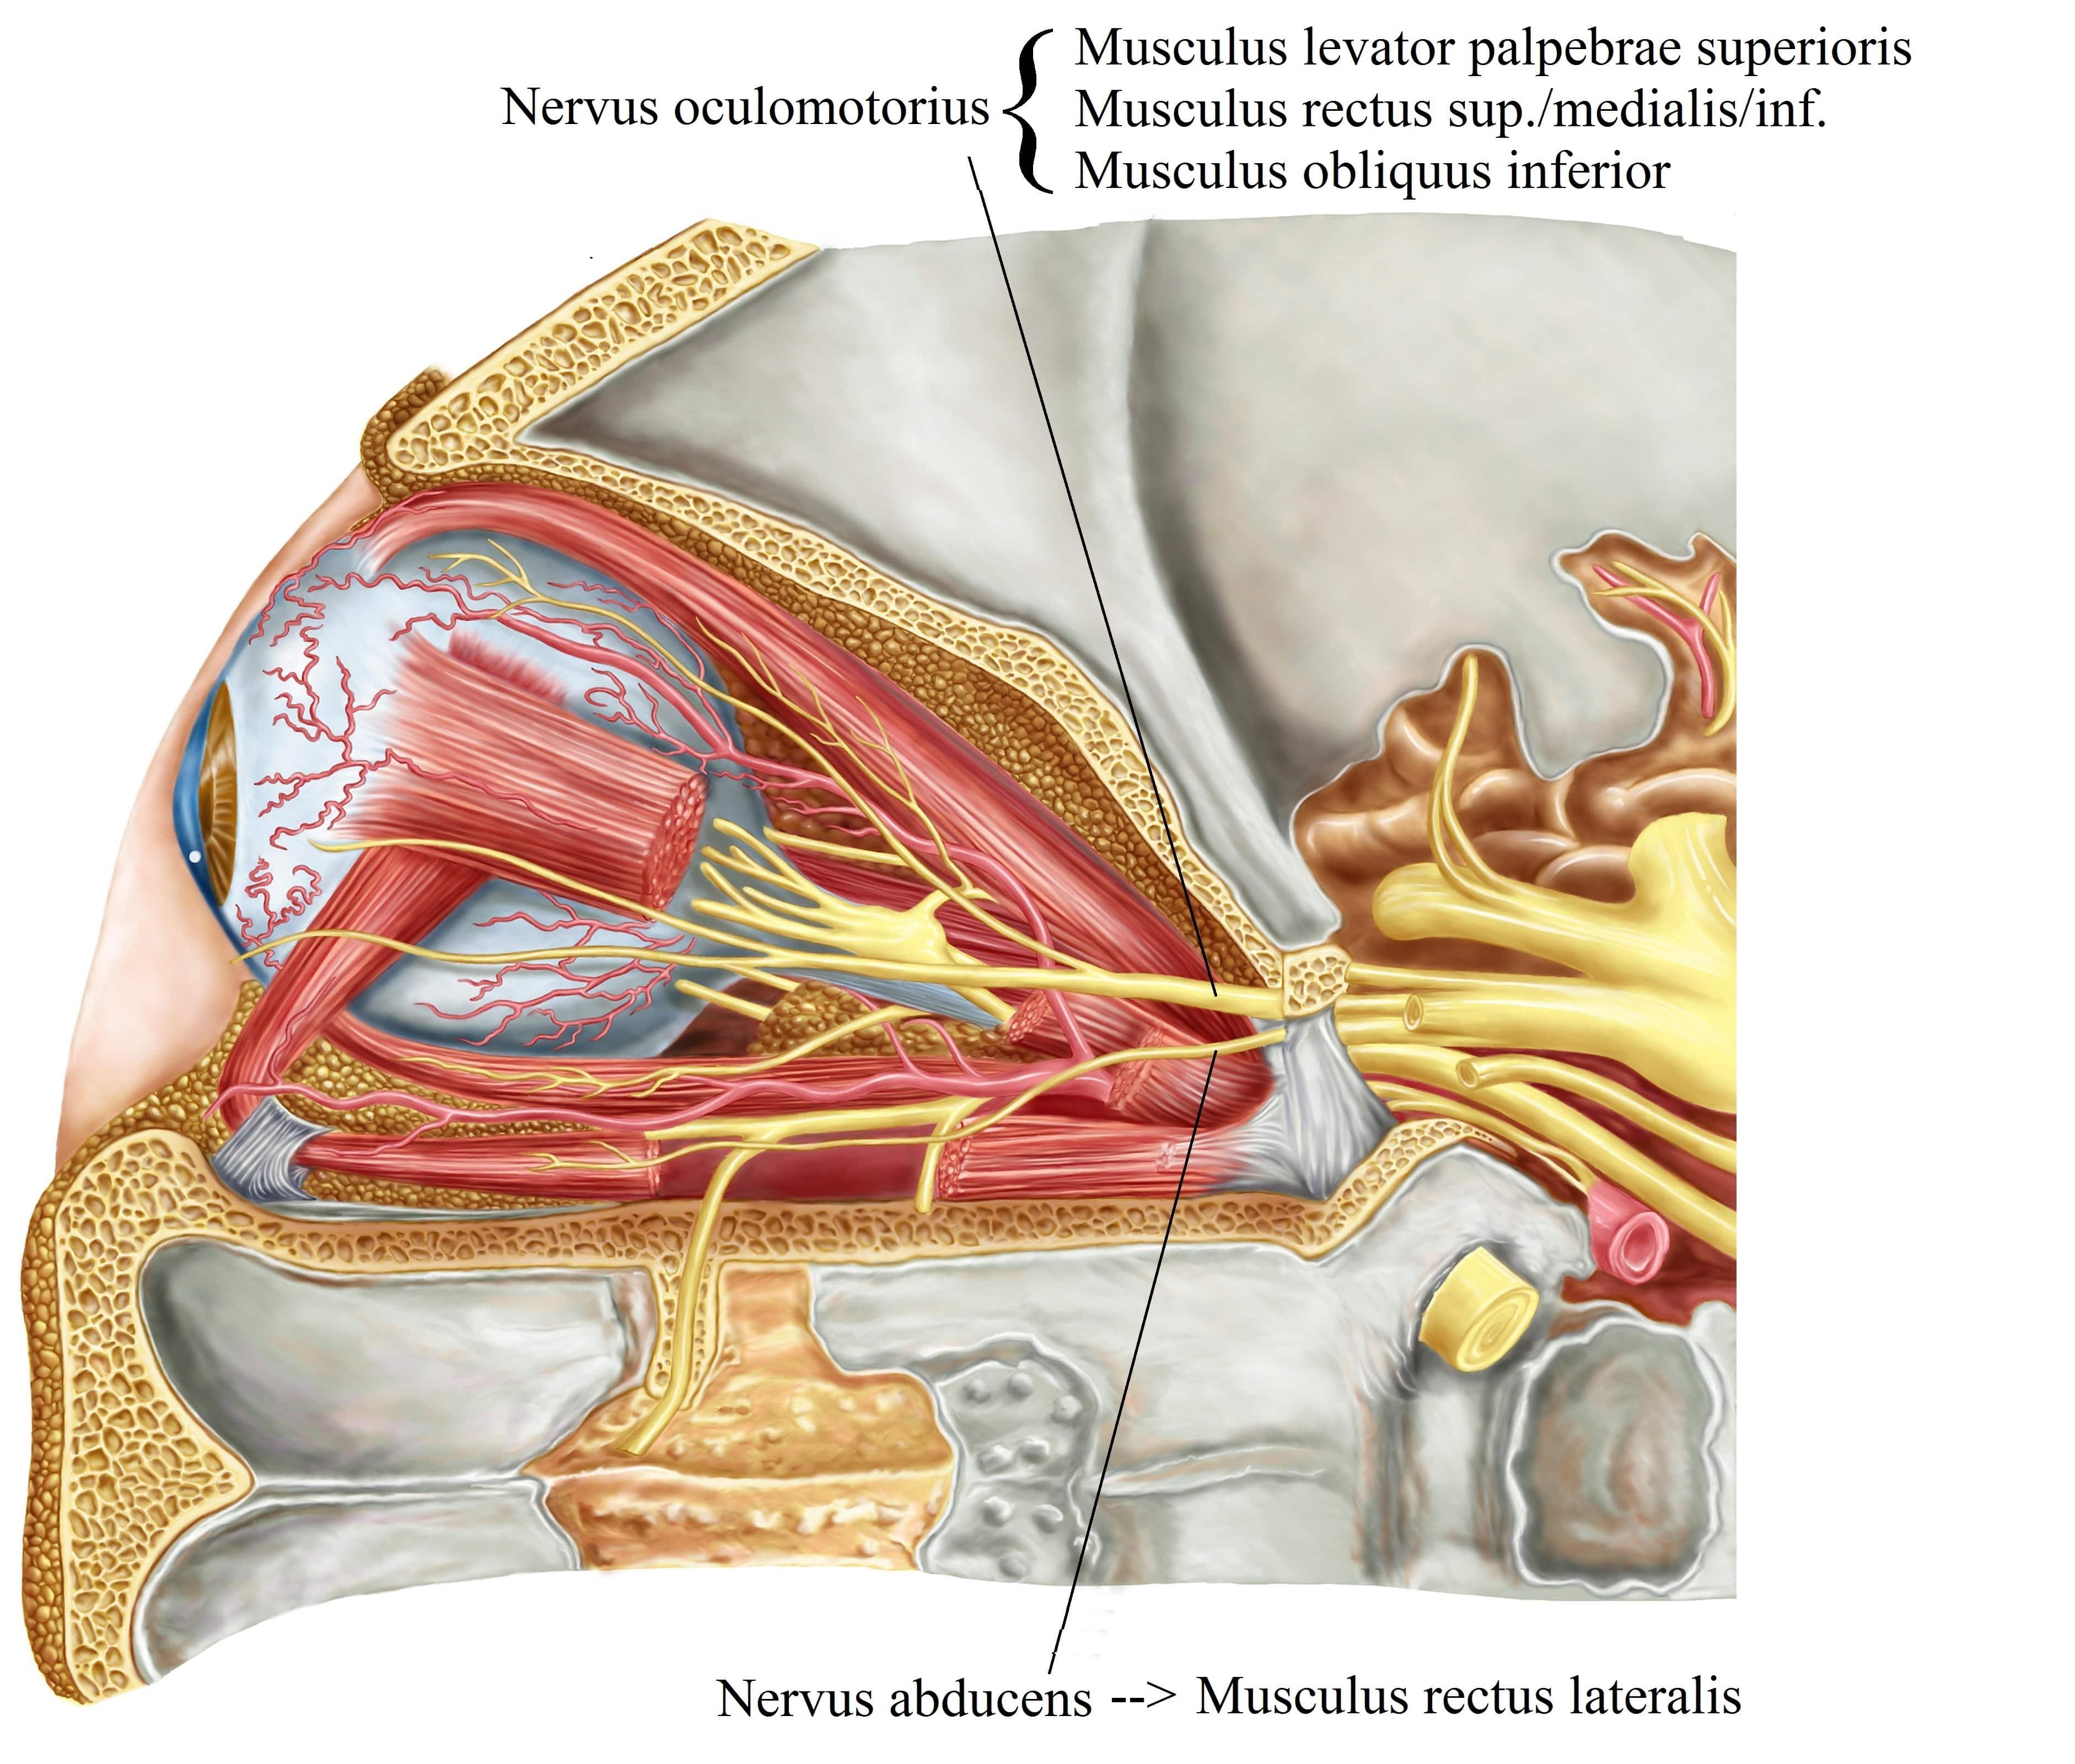 Augenmuskeln,Nervus oculomotorius,Musculus rectus